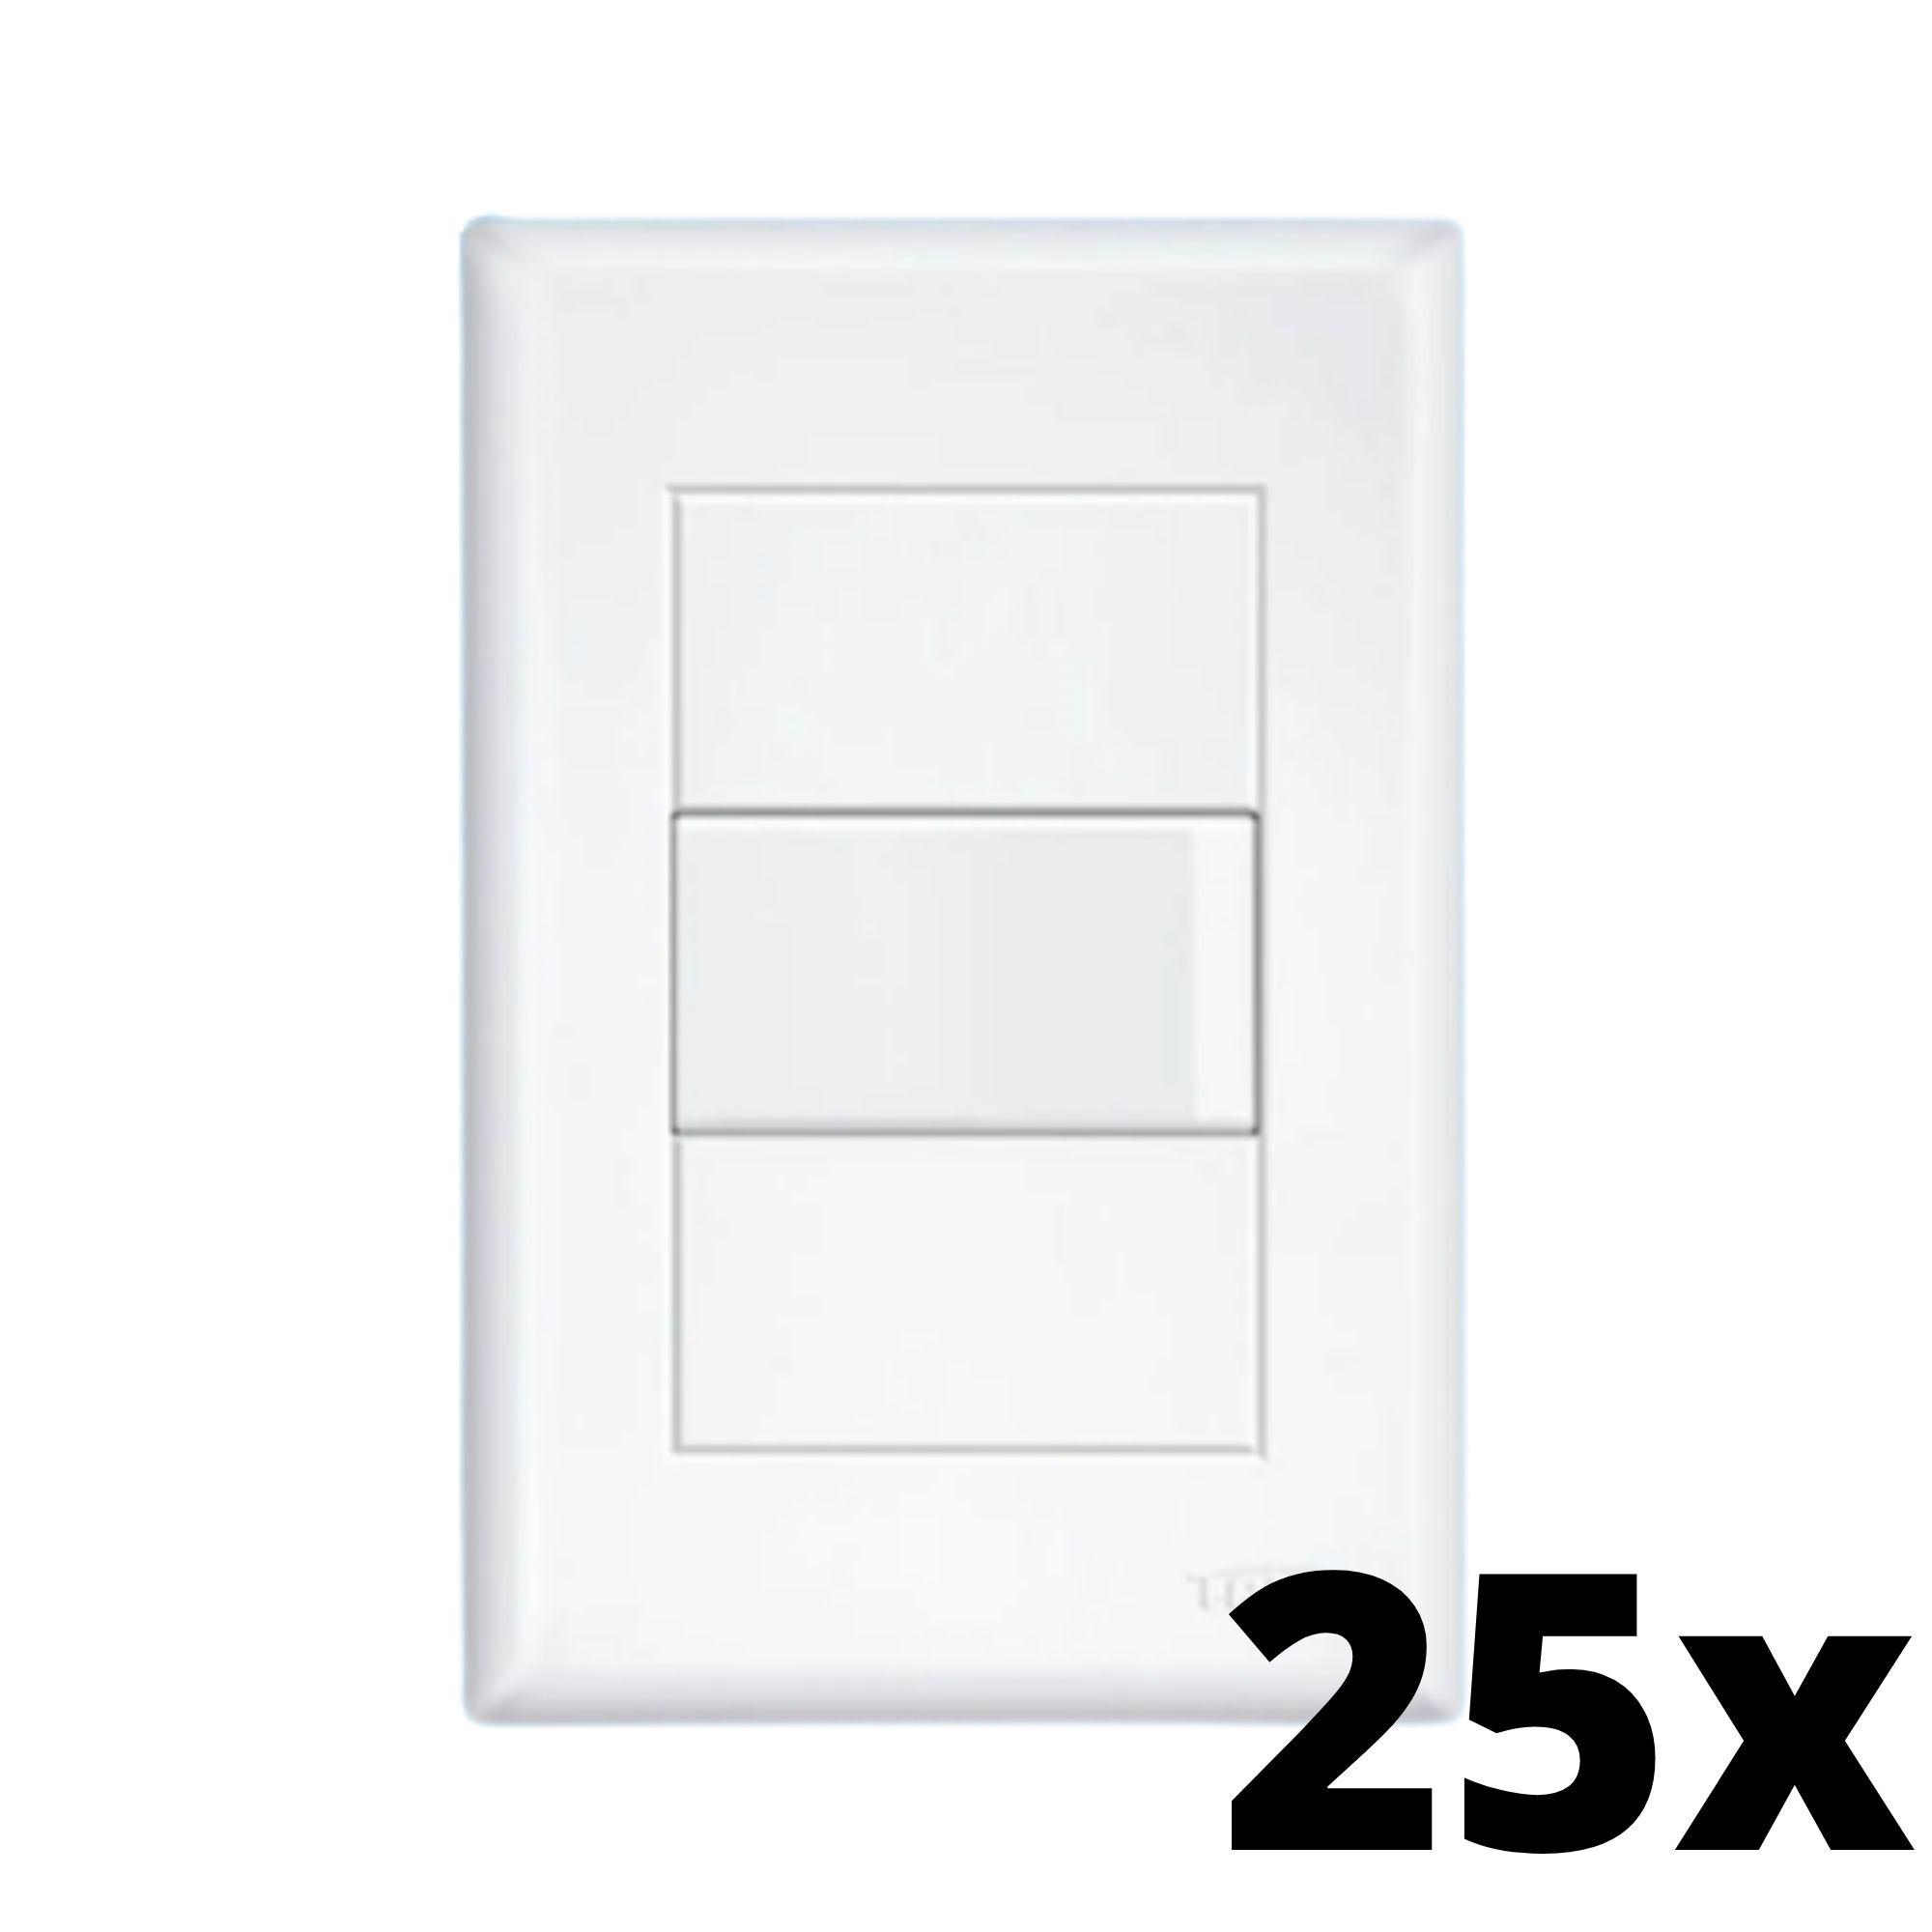 Kit 25 und Evidence 1 Seção de Interruptor Simples Com Placa